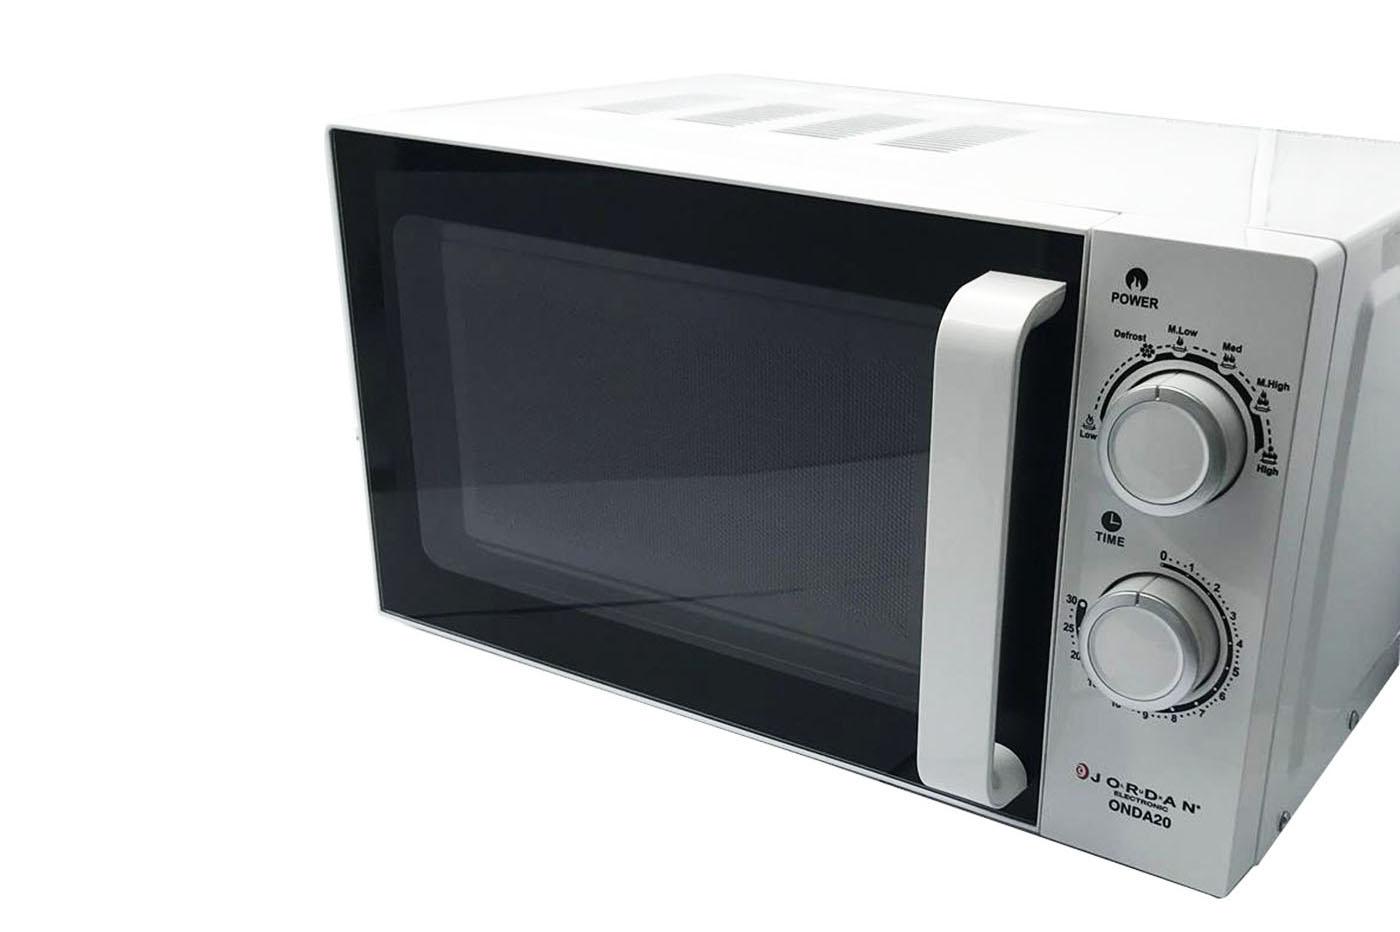 Forno a microonde 20L funzione defrost bianco 700W piatto in